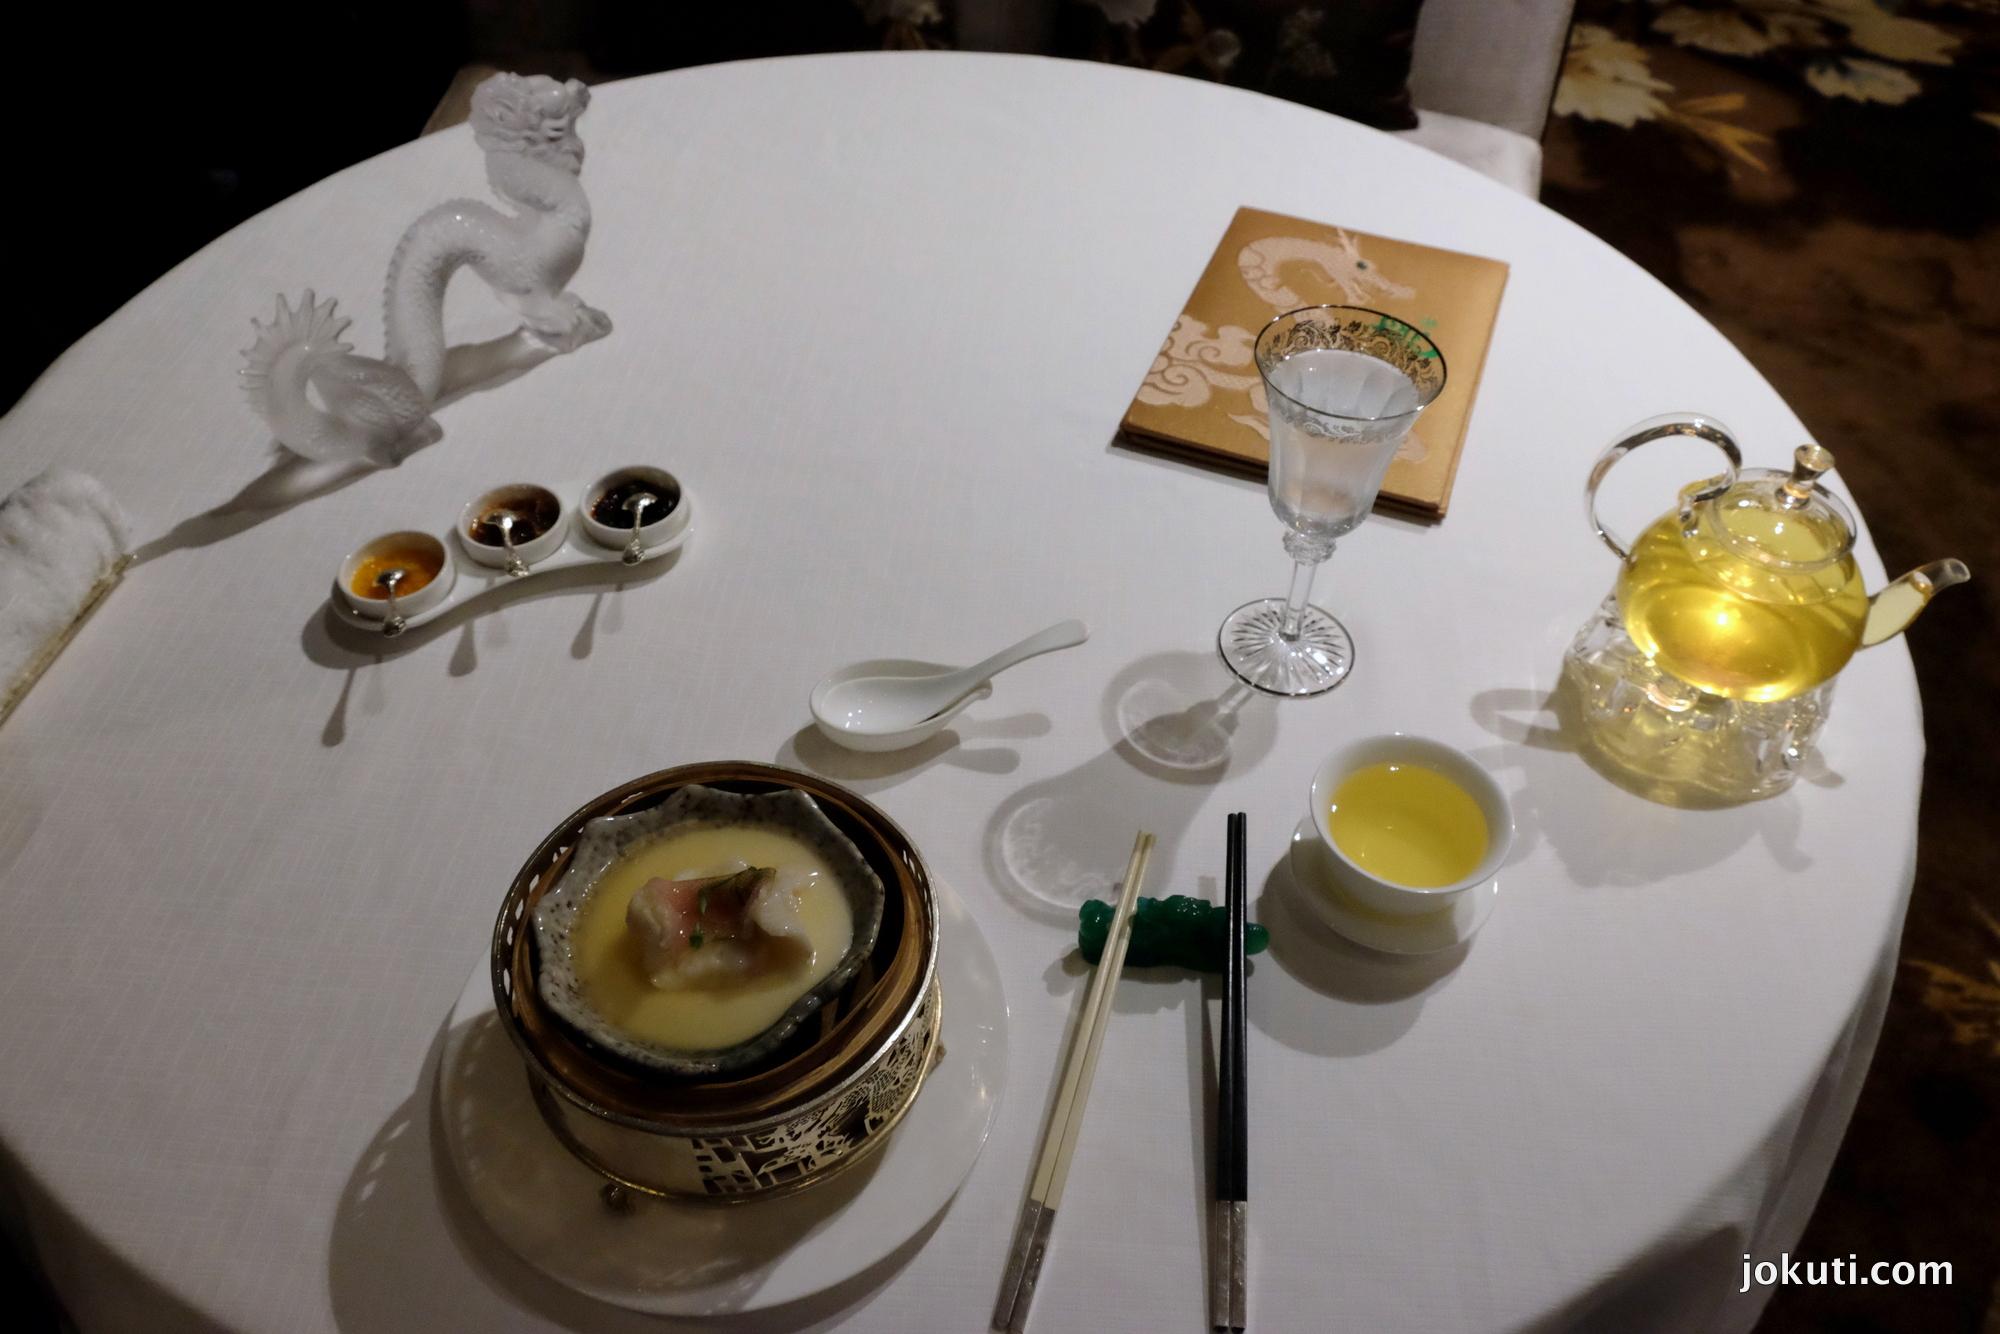 dscf6880_jade_dragon_restaurant_cantonese_chinese_michelin_macau_makao_china_kinai_vilagevo_jokuti.jpg